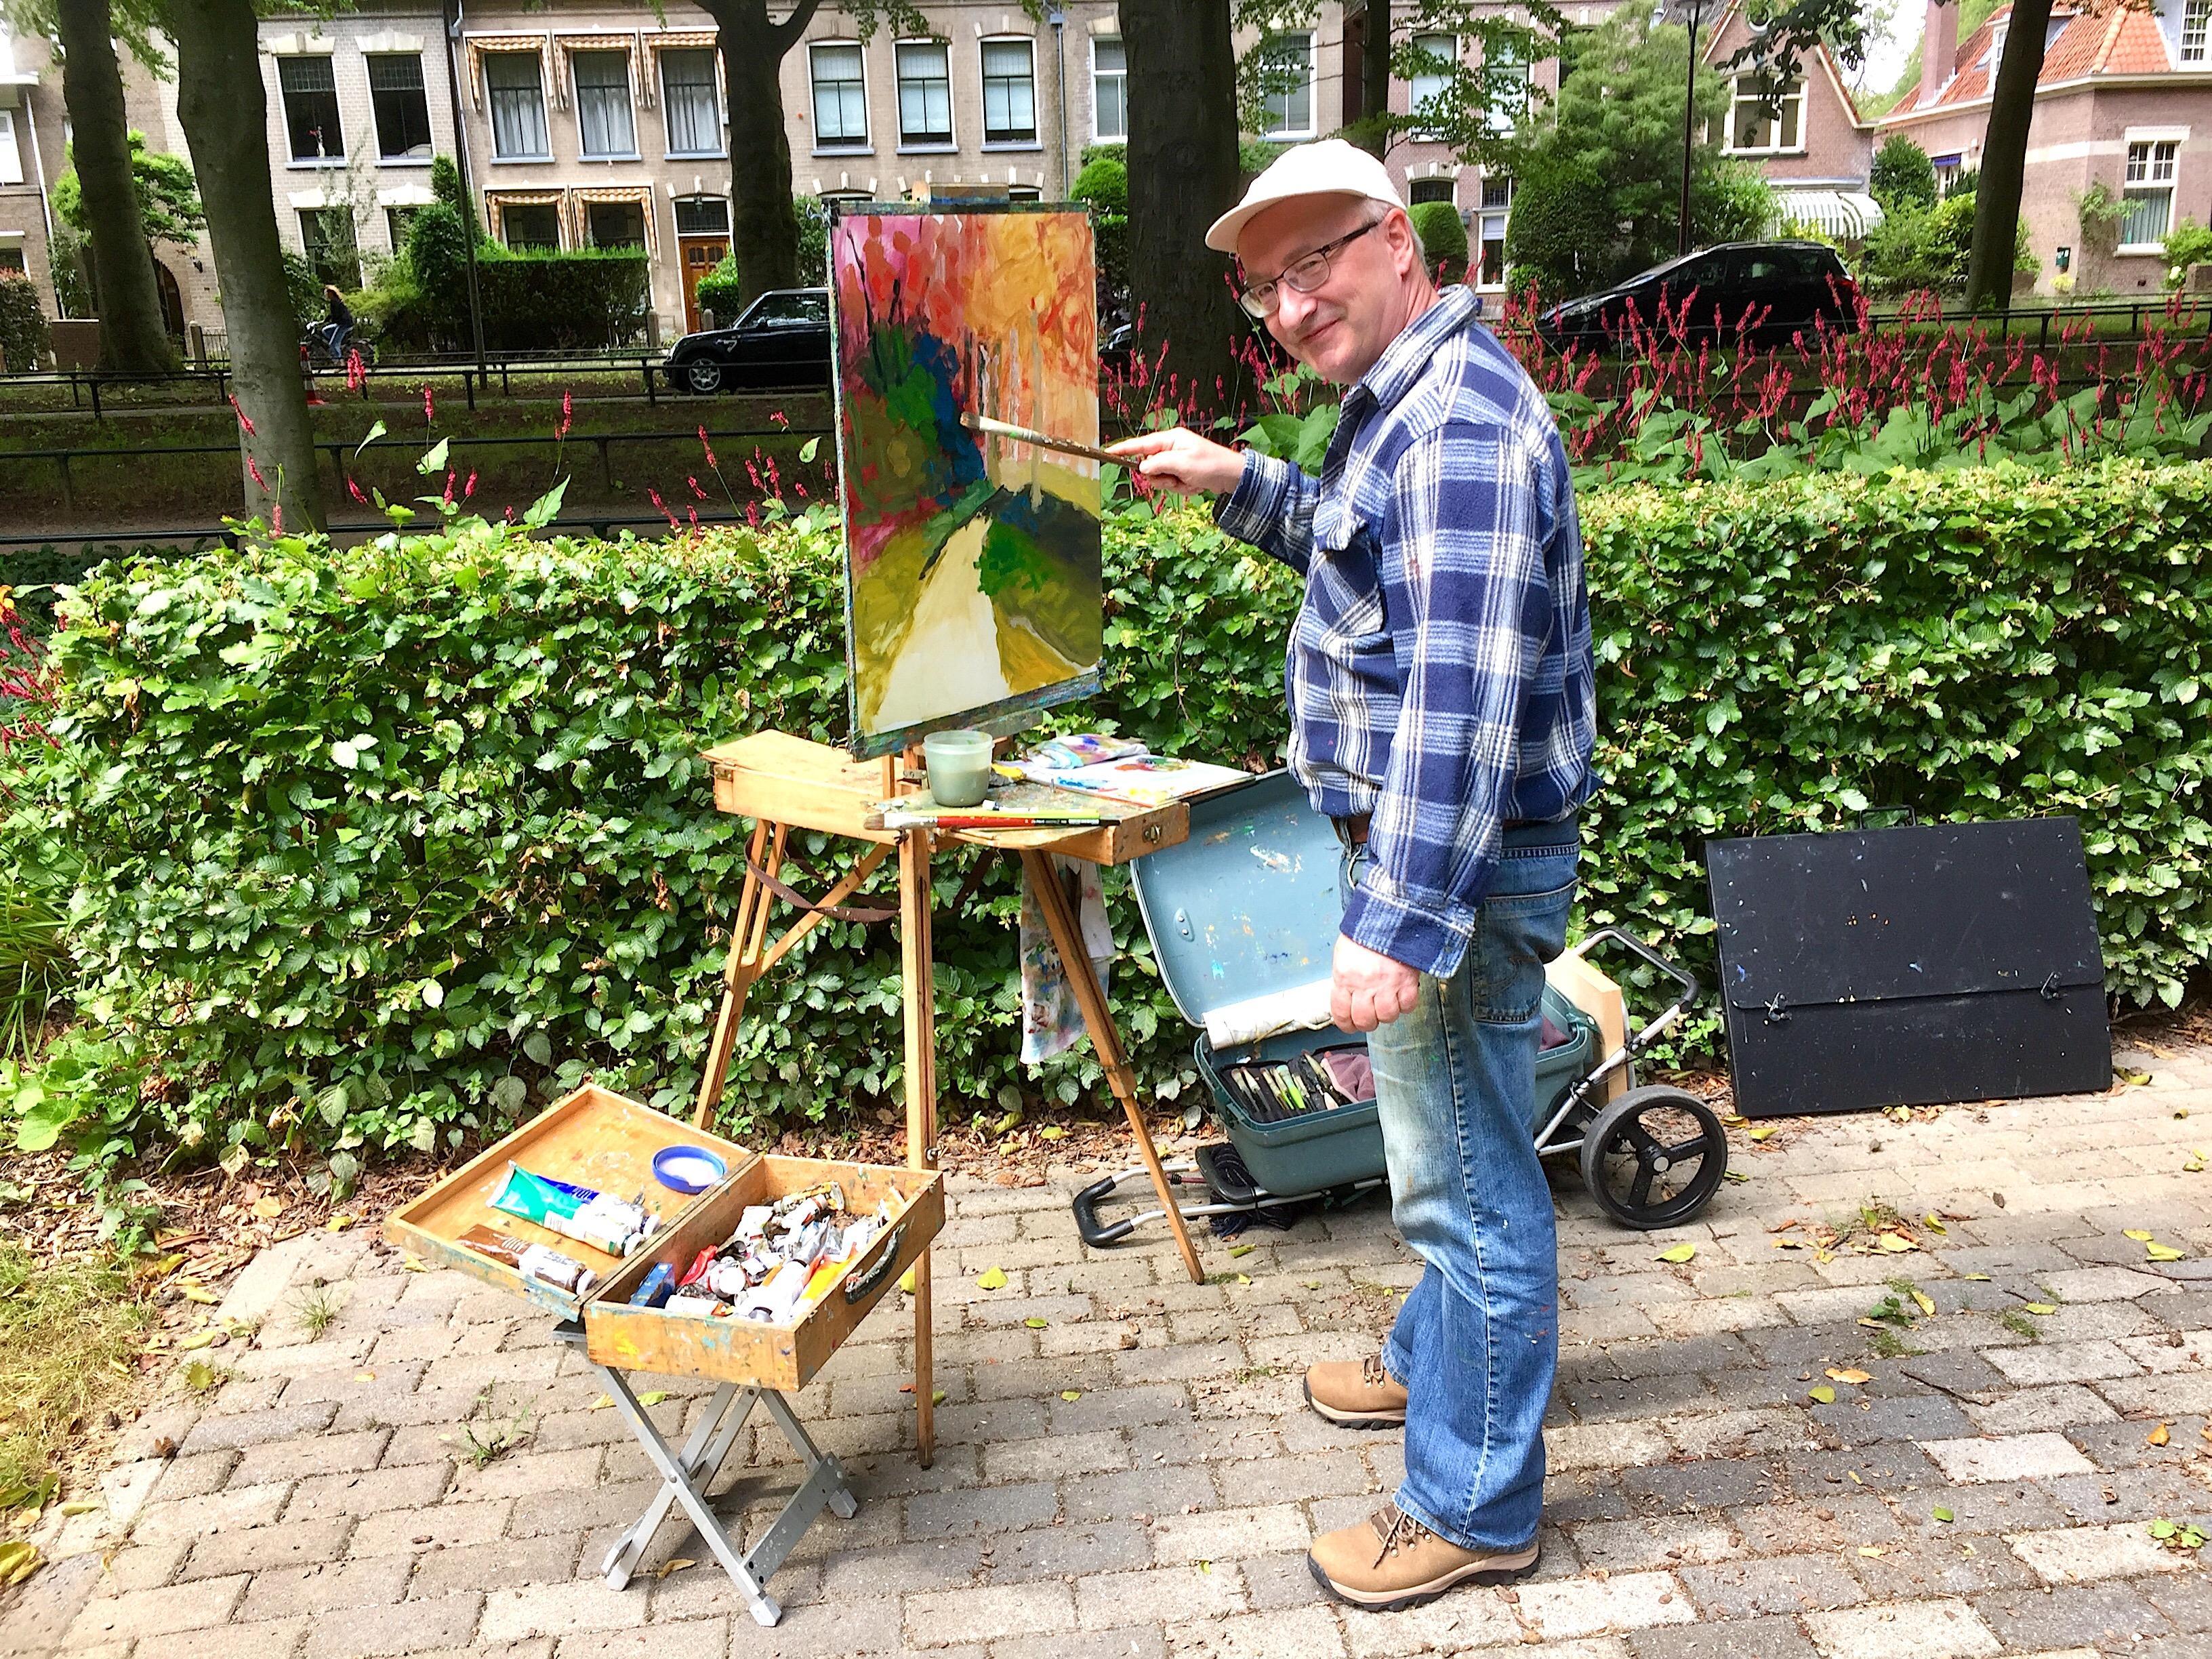 Onderweg: Simon Borst (57) is kunstenaar én kok. Het liefst zet hij ergens in de natuur zijn schildersezel klaar